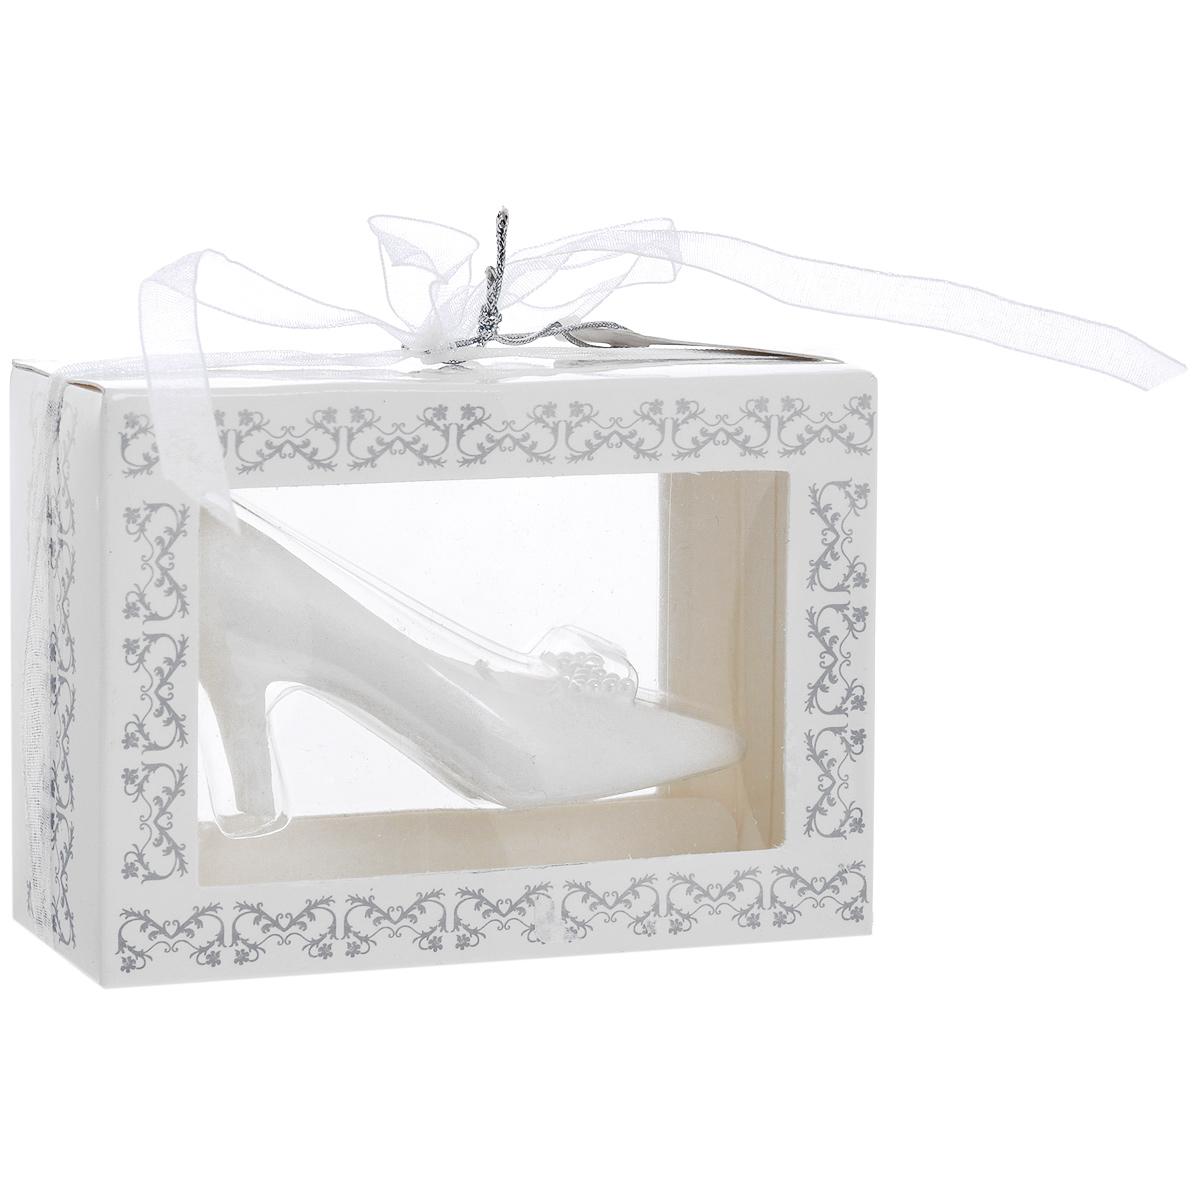 Свеча декоративная Туфелька, цвет: белый29278Декоративная свеча выполнена из белого парафина в виде туфельки. Свеча будет вас радовать и достойно украсит интерьер. Вы можете поставить свечу в любом месте, где она будет удачно смотреться, и радовать глаз. Кроме того, эта свеча - отличный вариант подарка для ваших близких и друзей. Характеристики: Материал: парафин. Цвет: белый. Размер свечи: 7 см х 3,5 см х 3,5 см.